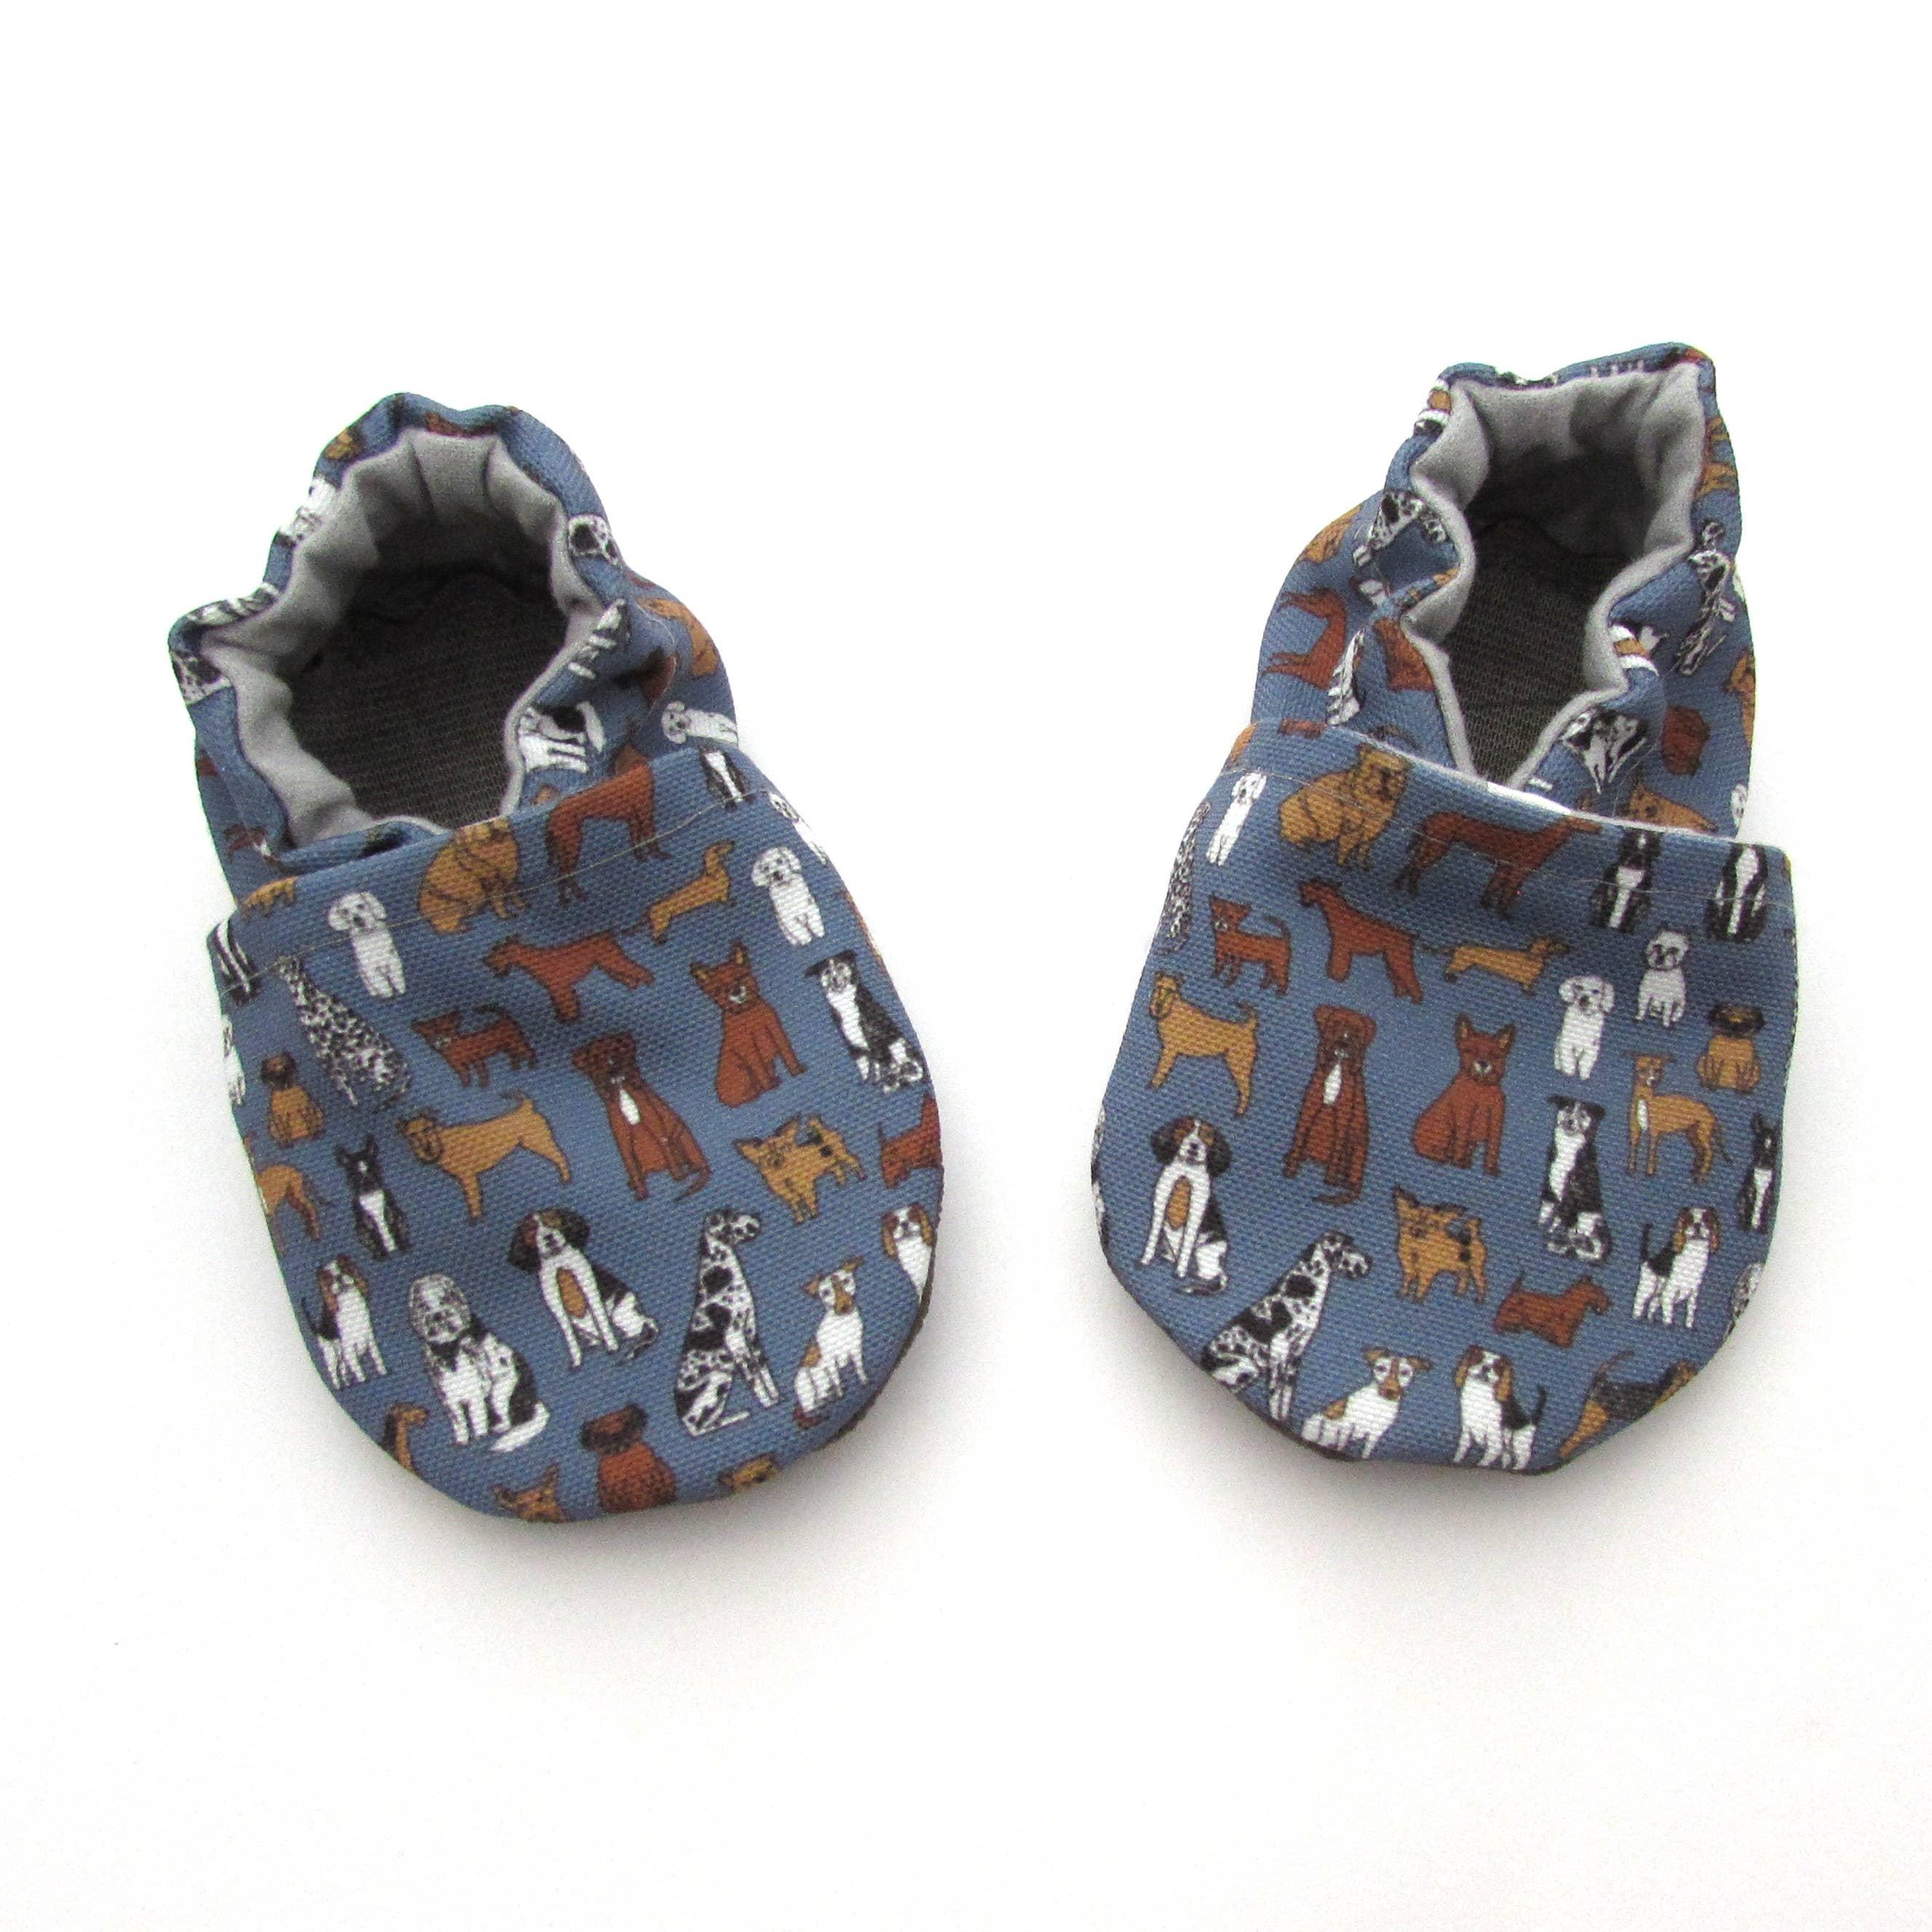 wholesale children's shoes usa